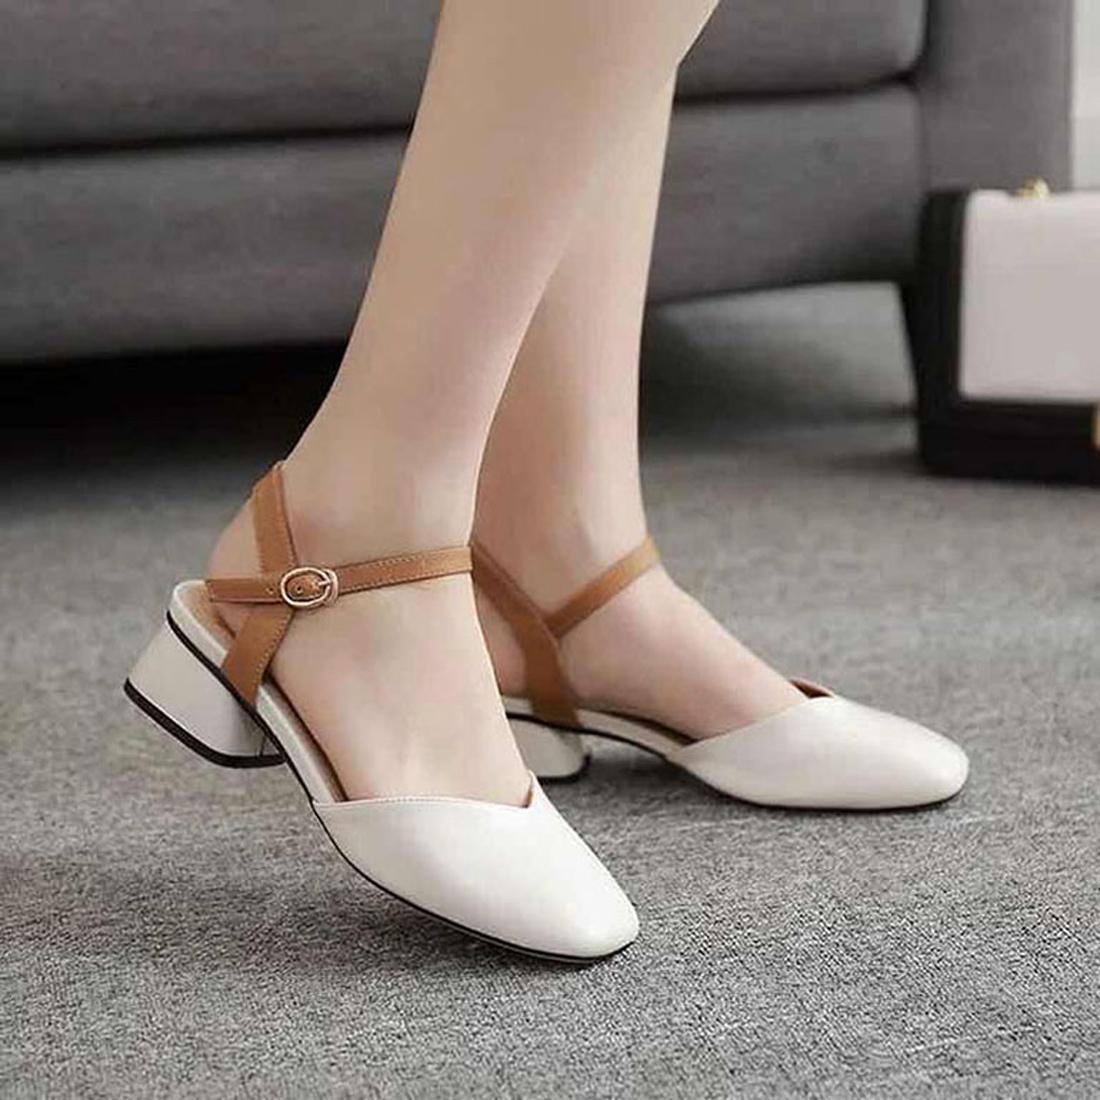 2020 luxo varinha mágica tamanho cowskin preto branco de couro real plataforma de designer sandálias mulheres sapatos da moda 35-41 tradingbear 11P61